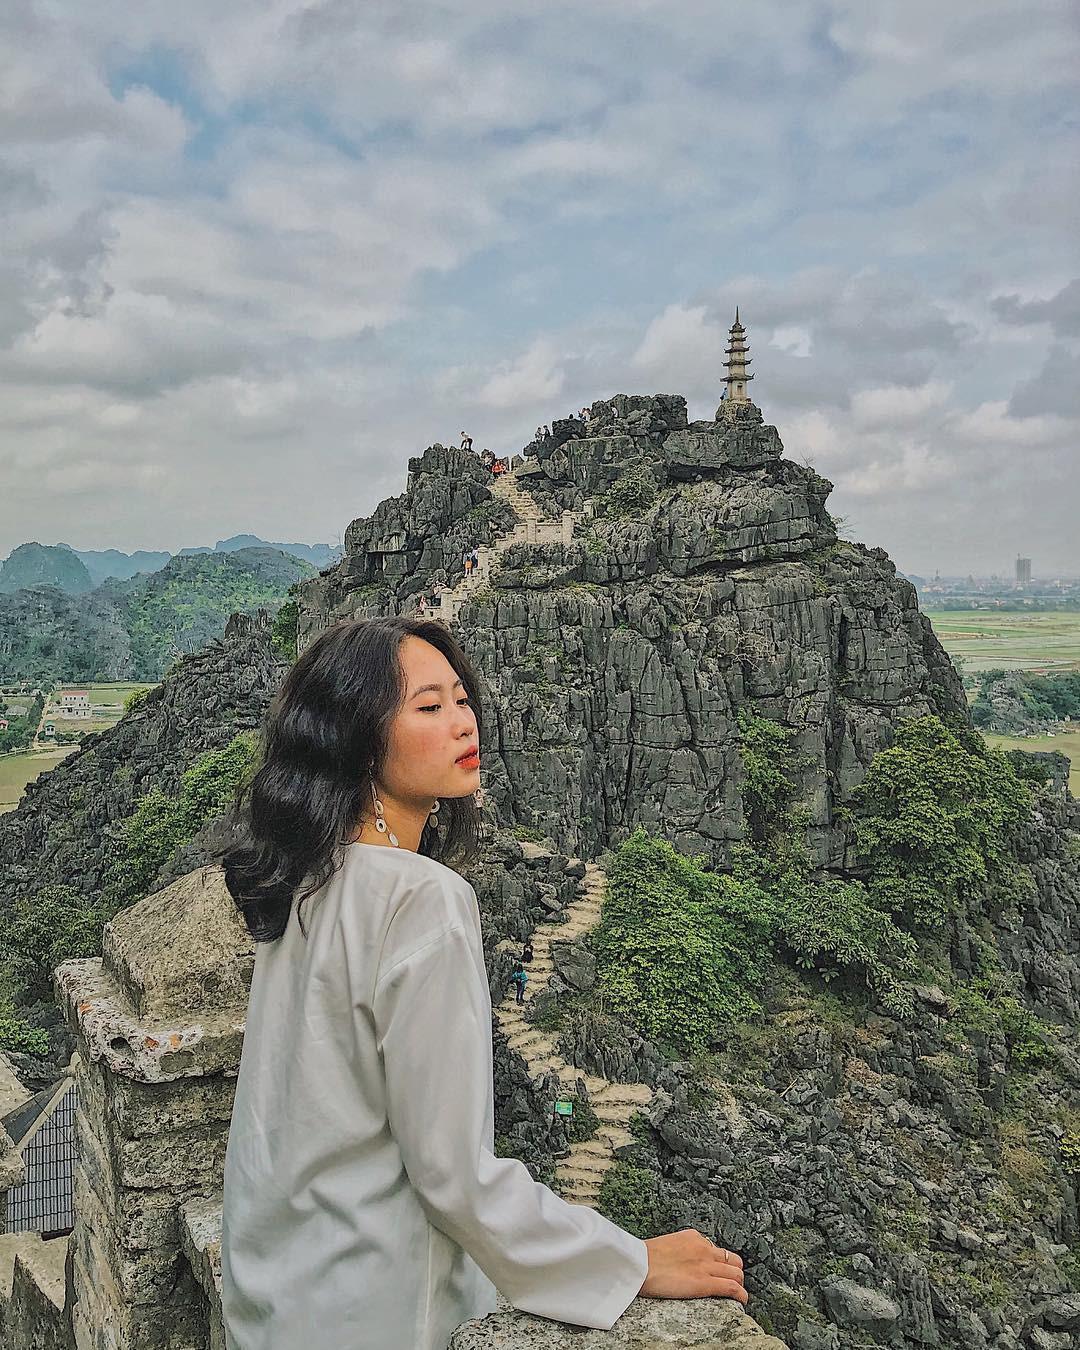 Hang Múa mờ ảo, khác biệt trong ảnh chỉnh sửa của giới trẻ Việt Ảnh 3